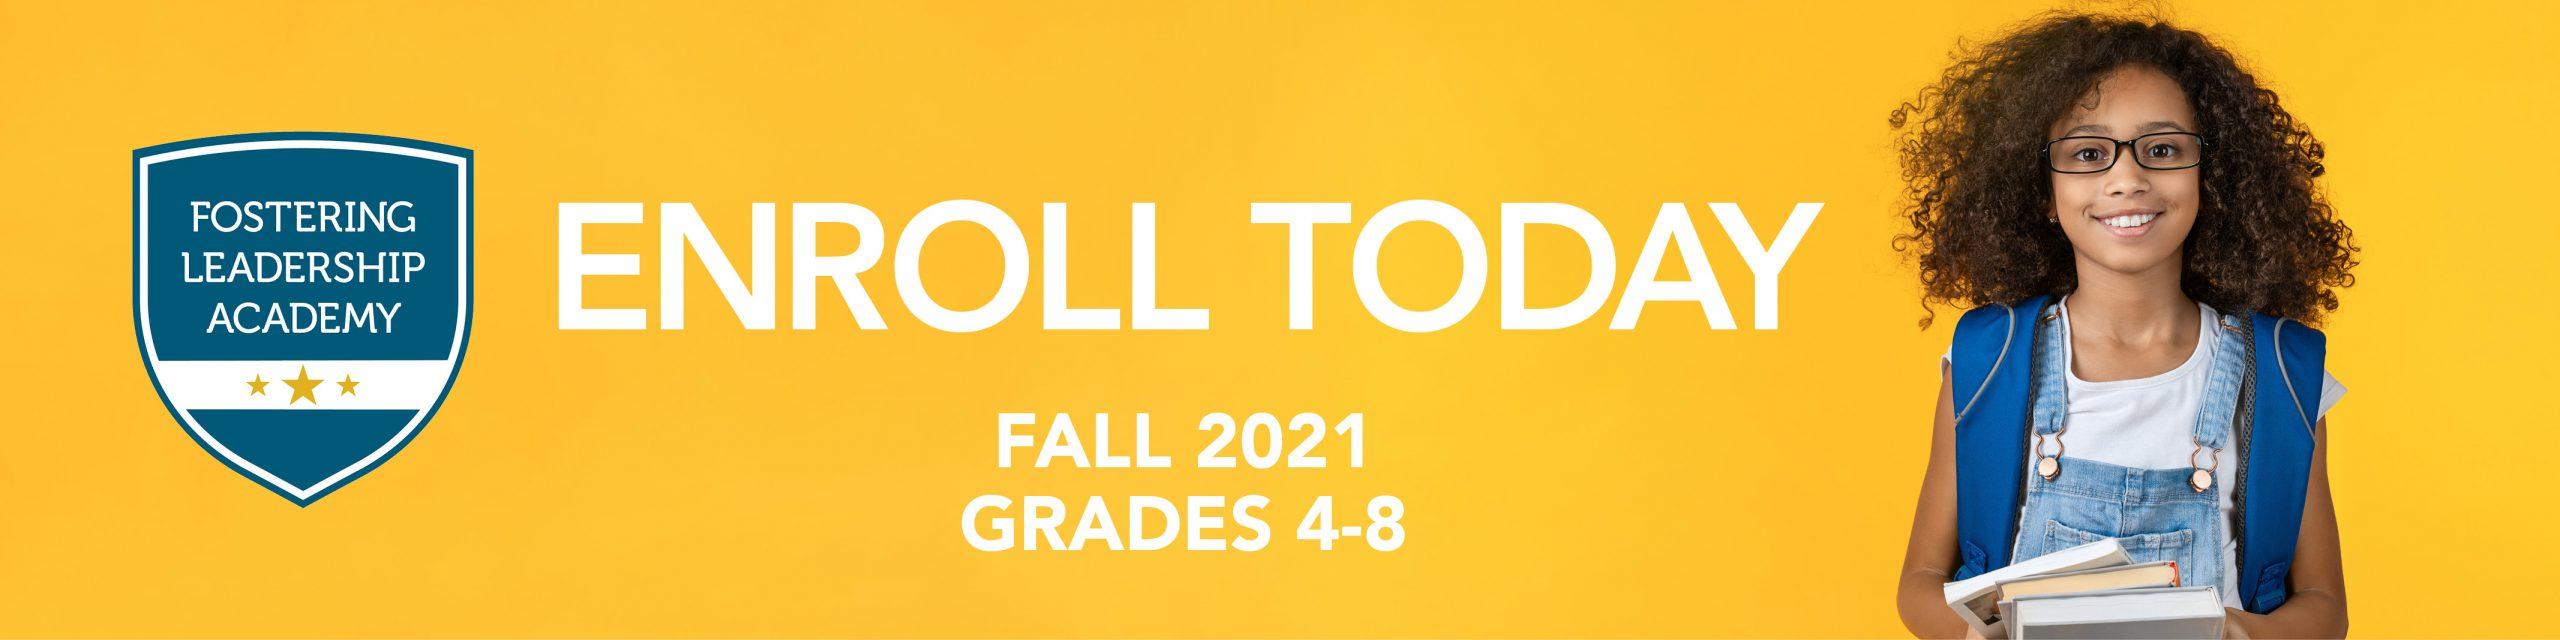 FLA 2021 Website Enrollment page banner